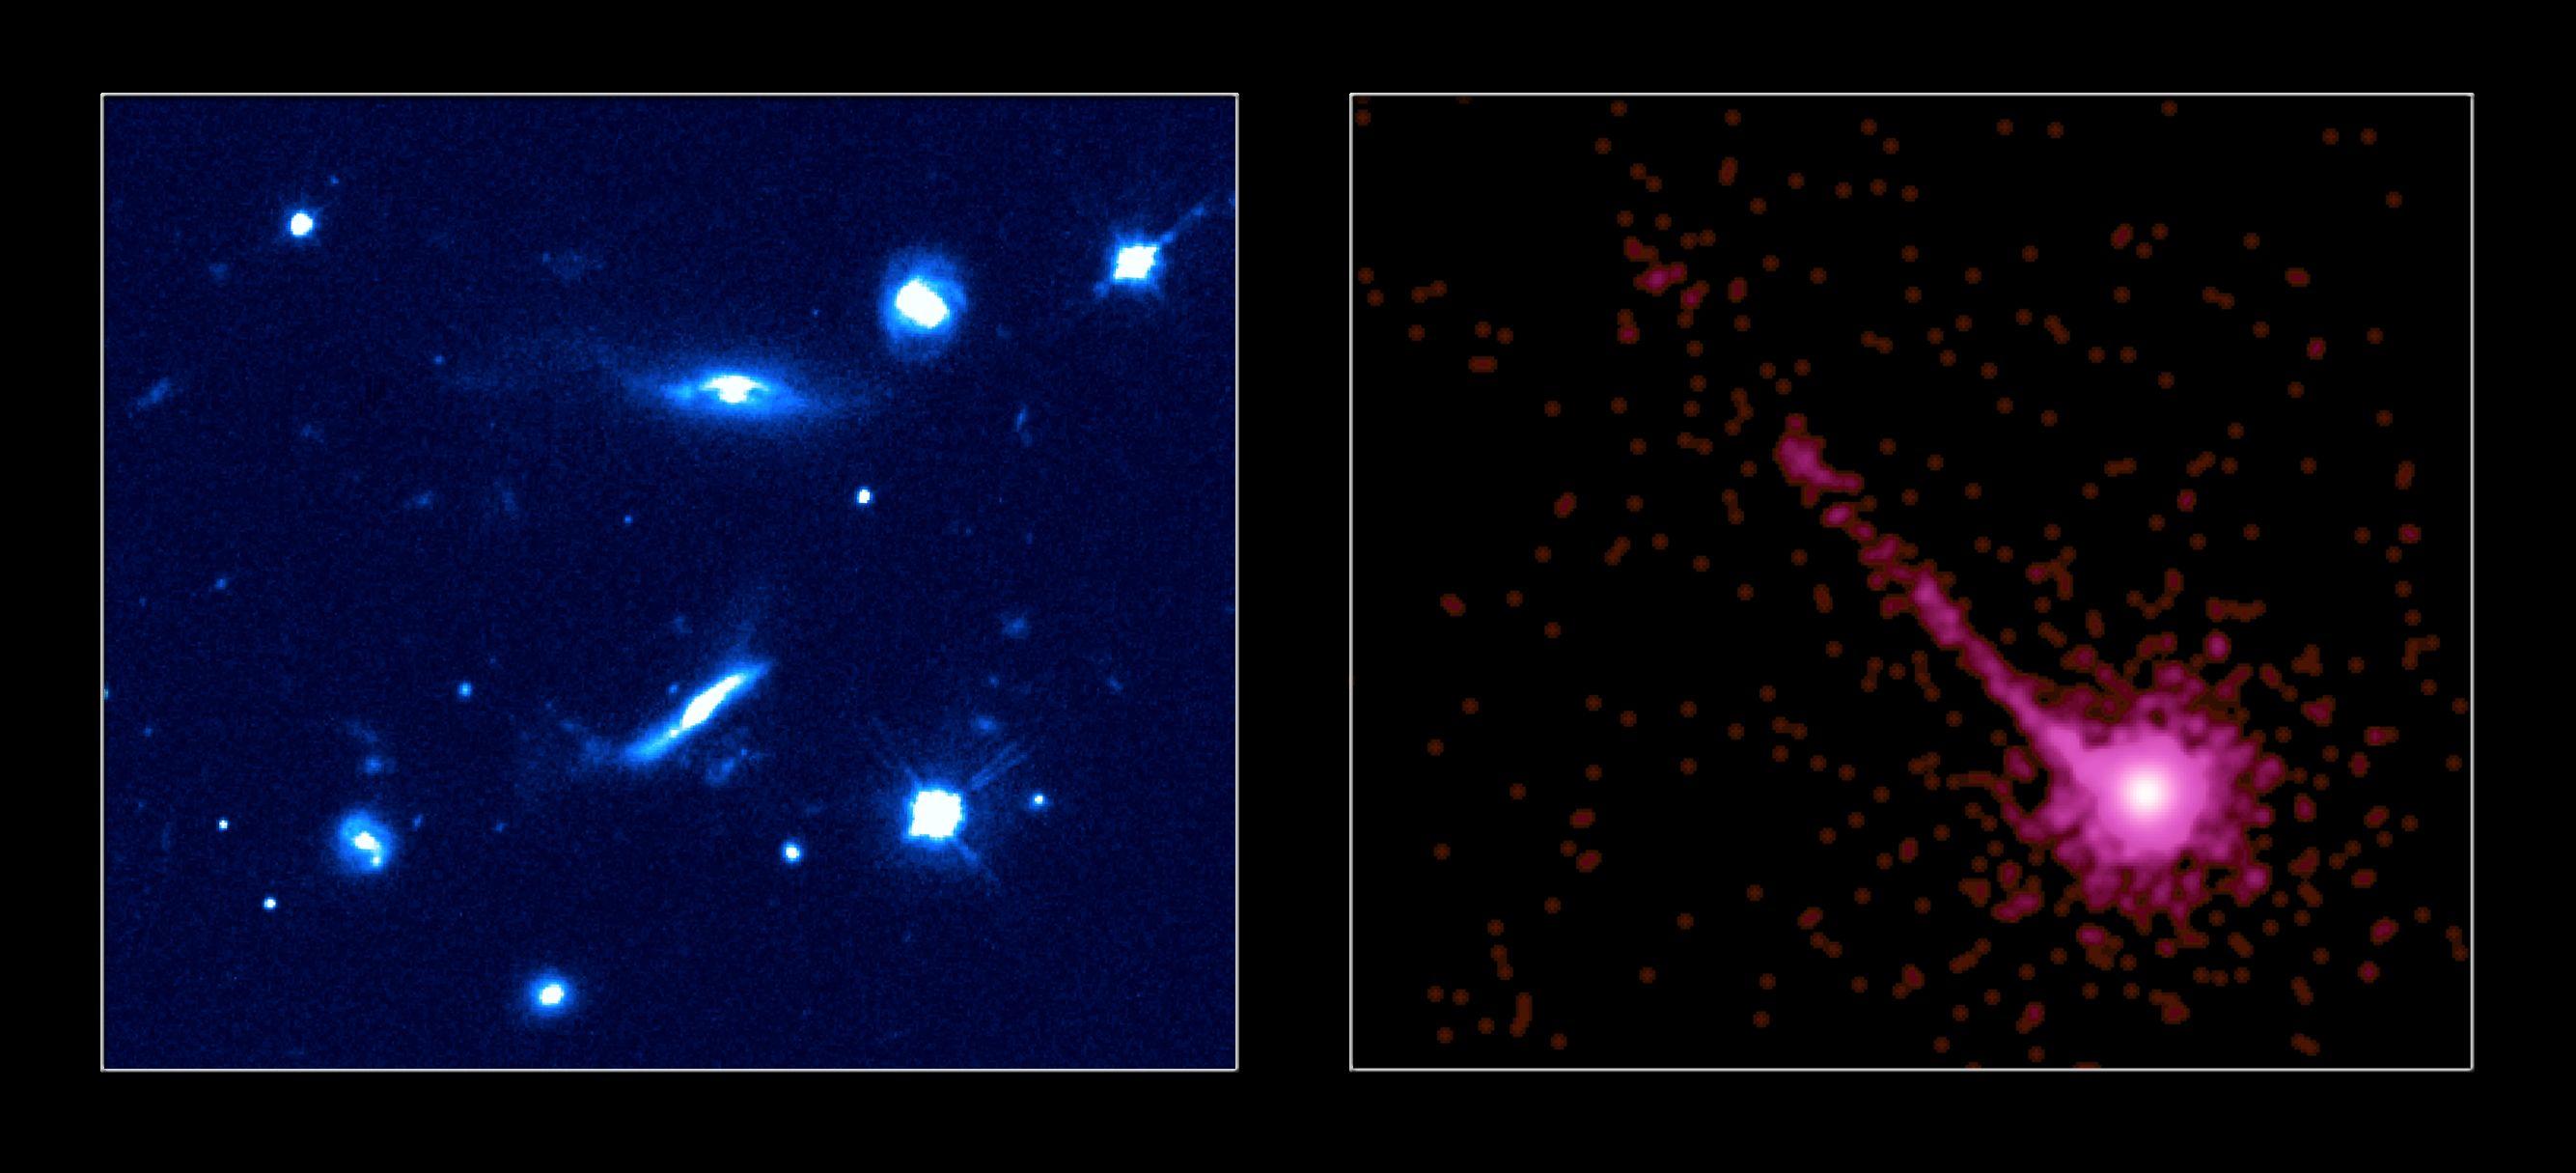 PKS1127-145: Vue d\'un quasar